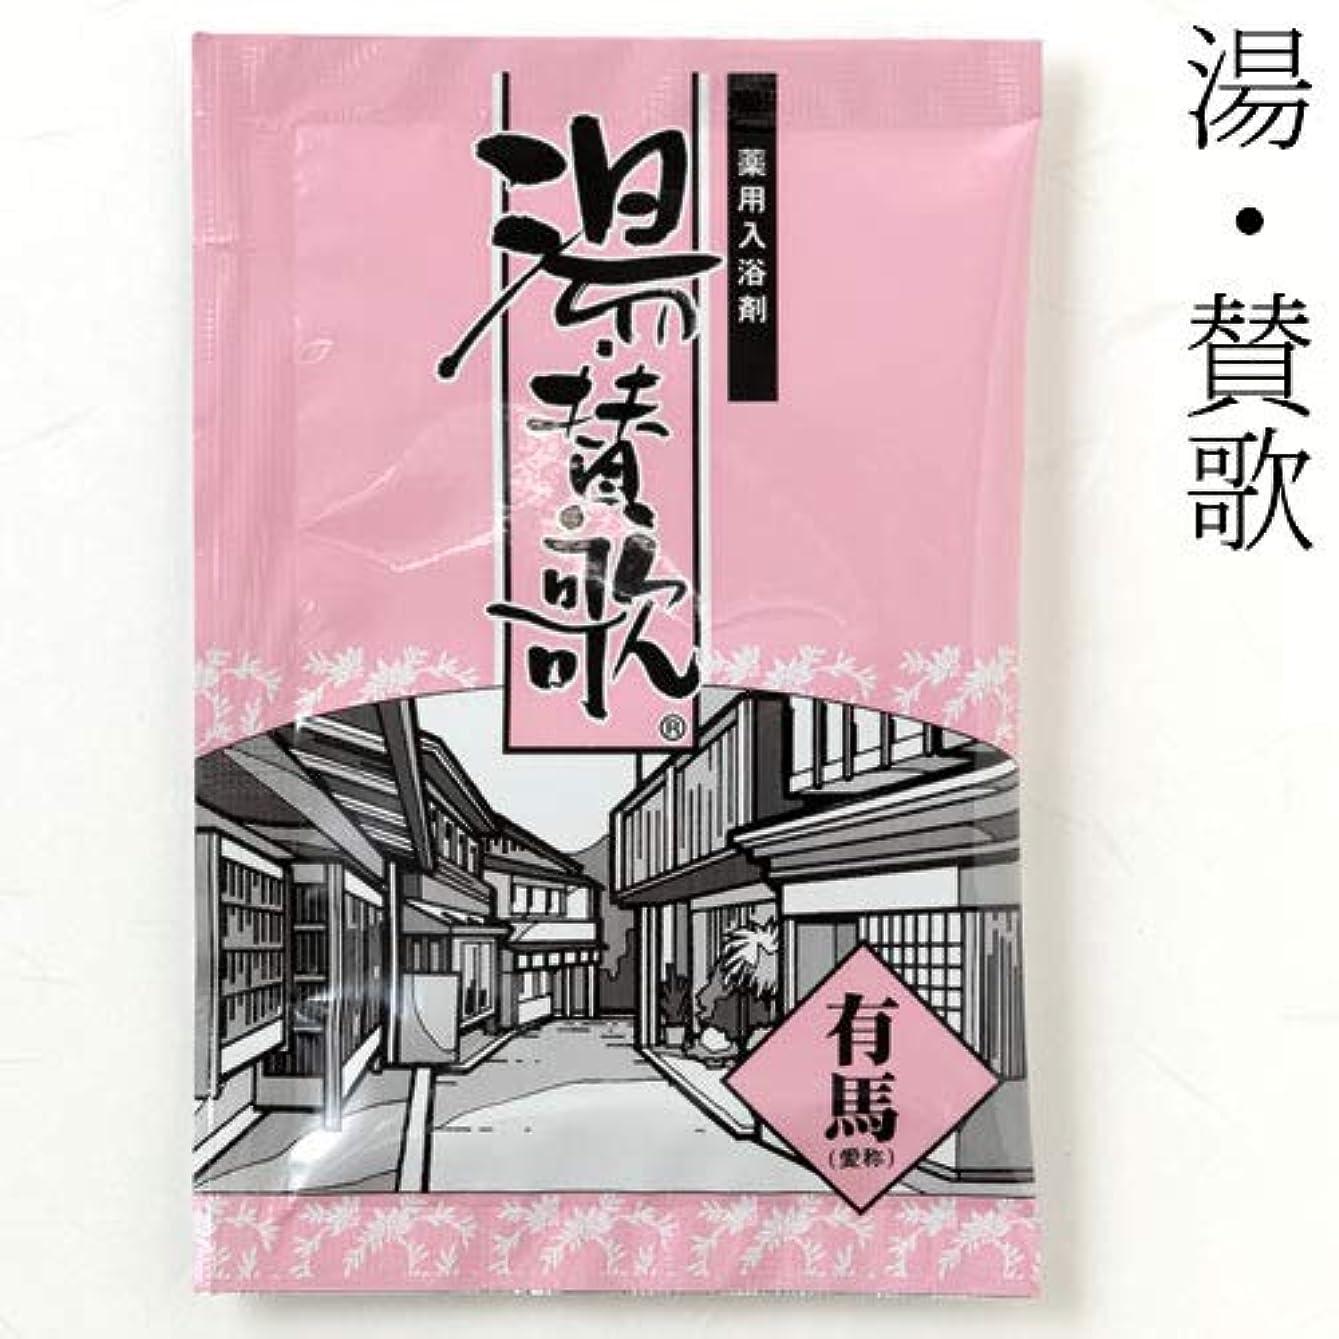 コカイン怒る遠え入浴剤湯?賛歌有馬1包石川県のお風呂グッズBath additive, Ishikawa craft